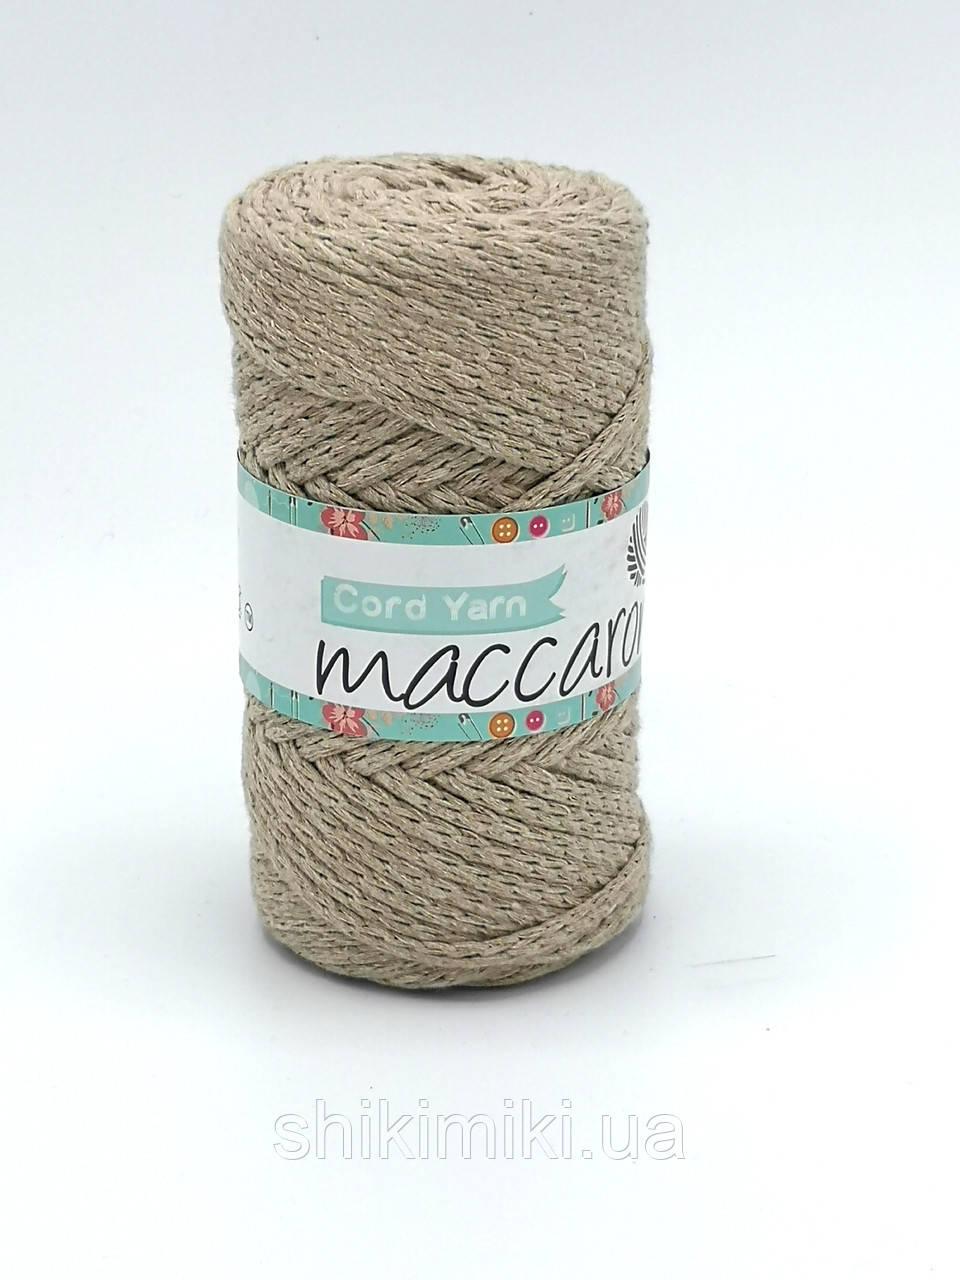 Трикотажный хлопковый шнур Maccaroni Cord YARN , цвет бежевый